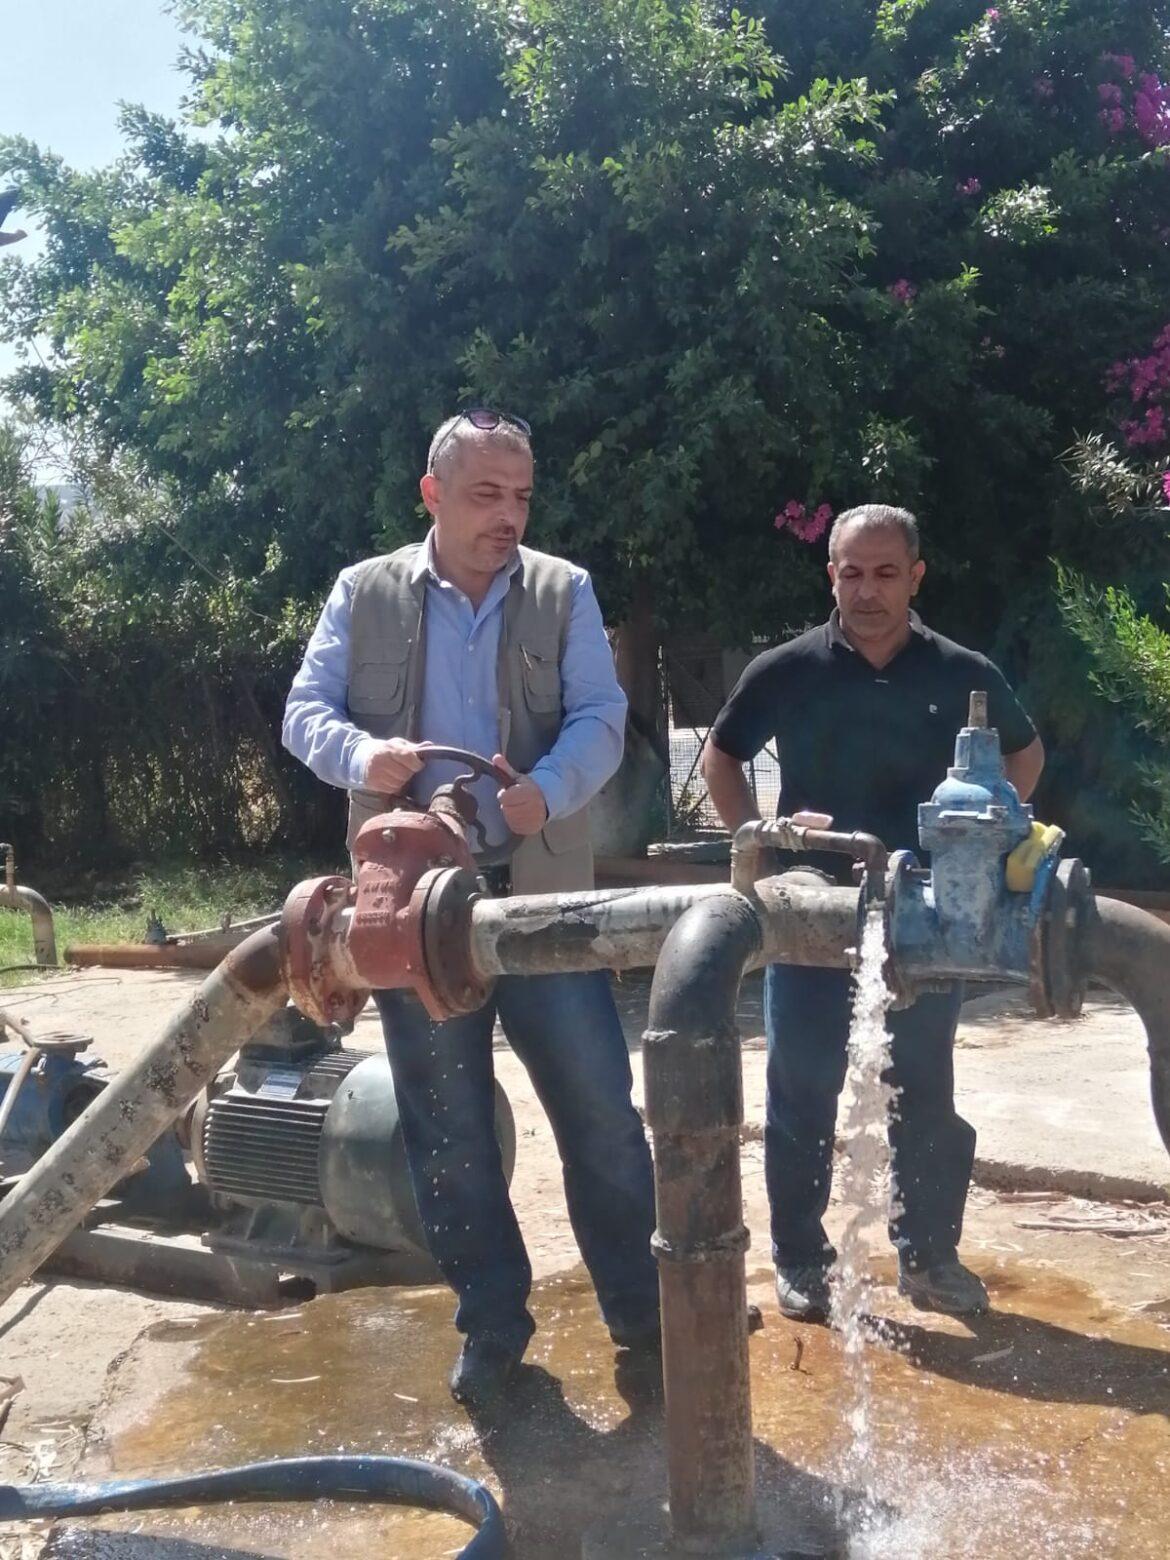 امين عام سلطة المياه يدشن بئر الصبيحي وبئر دير علا لتعزيز التزويد المائي في مناطق محافظة البلقاء